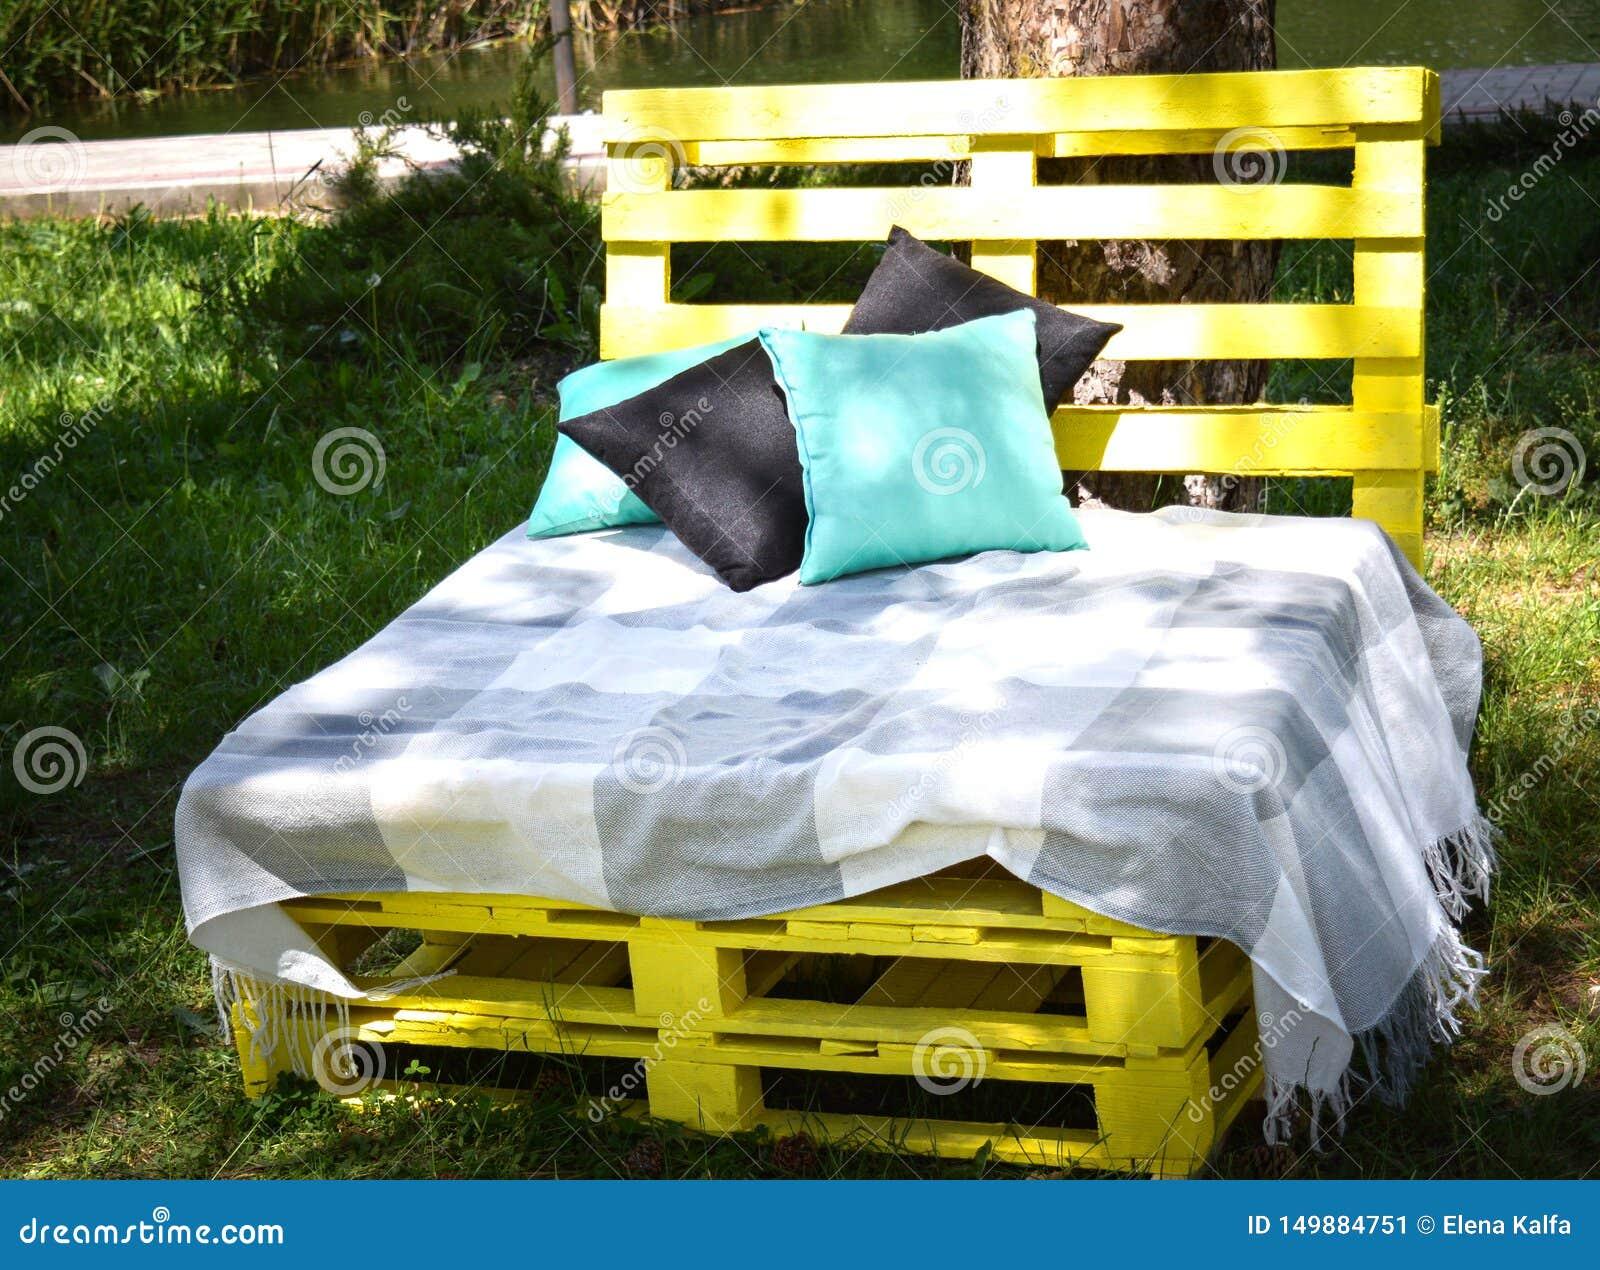 Holzbank gemacht von den gelben Paletten von Frachtfrachtkästen für sittin mit Kissen und Plaid im Park Das Konzept von